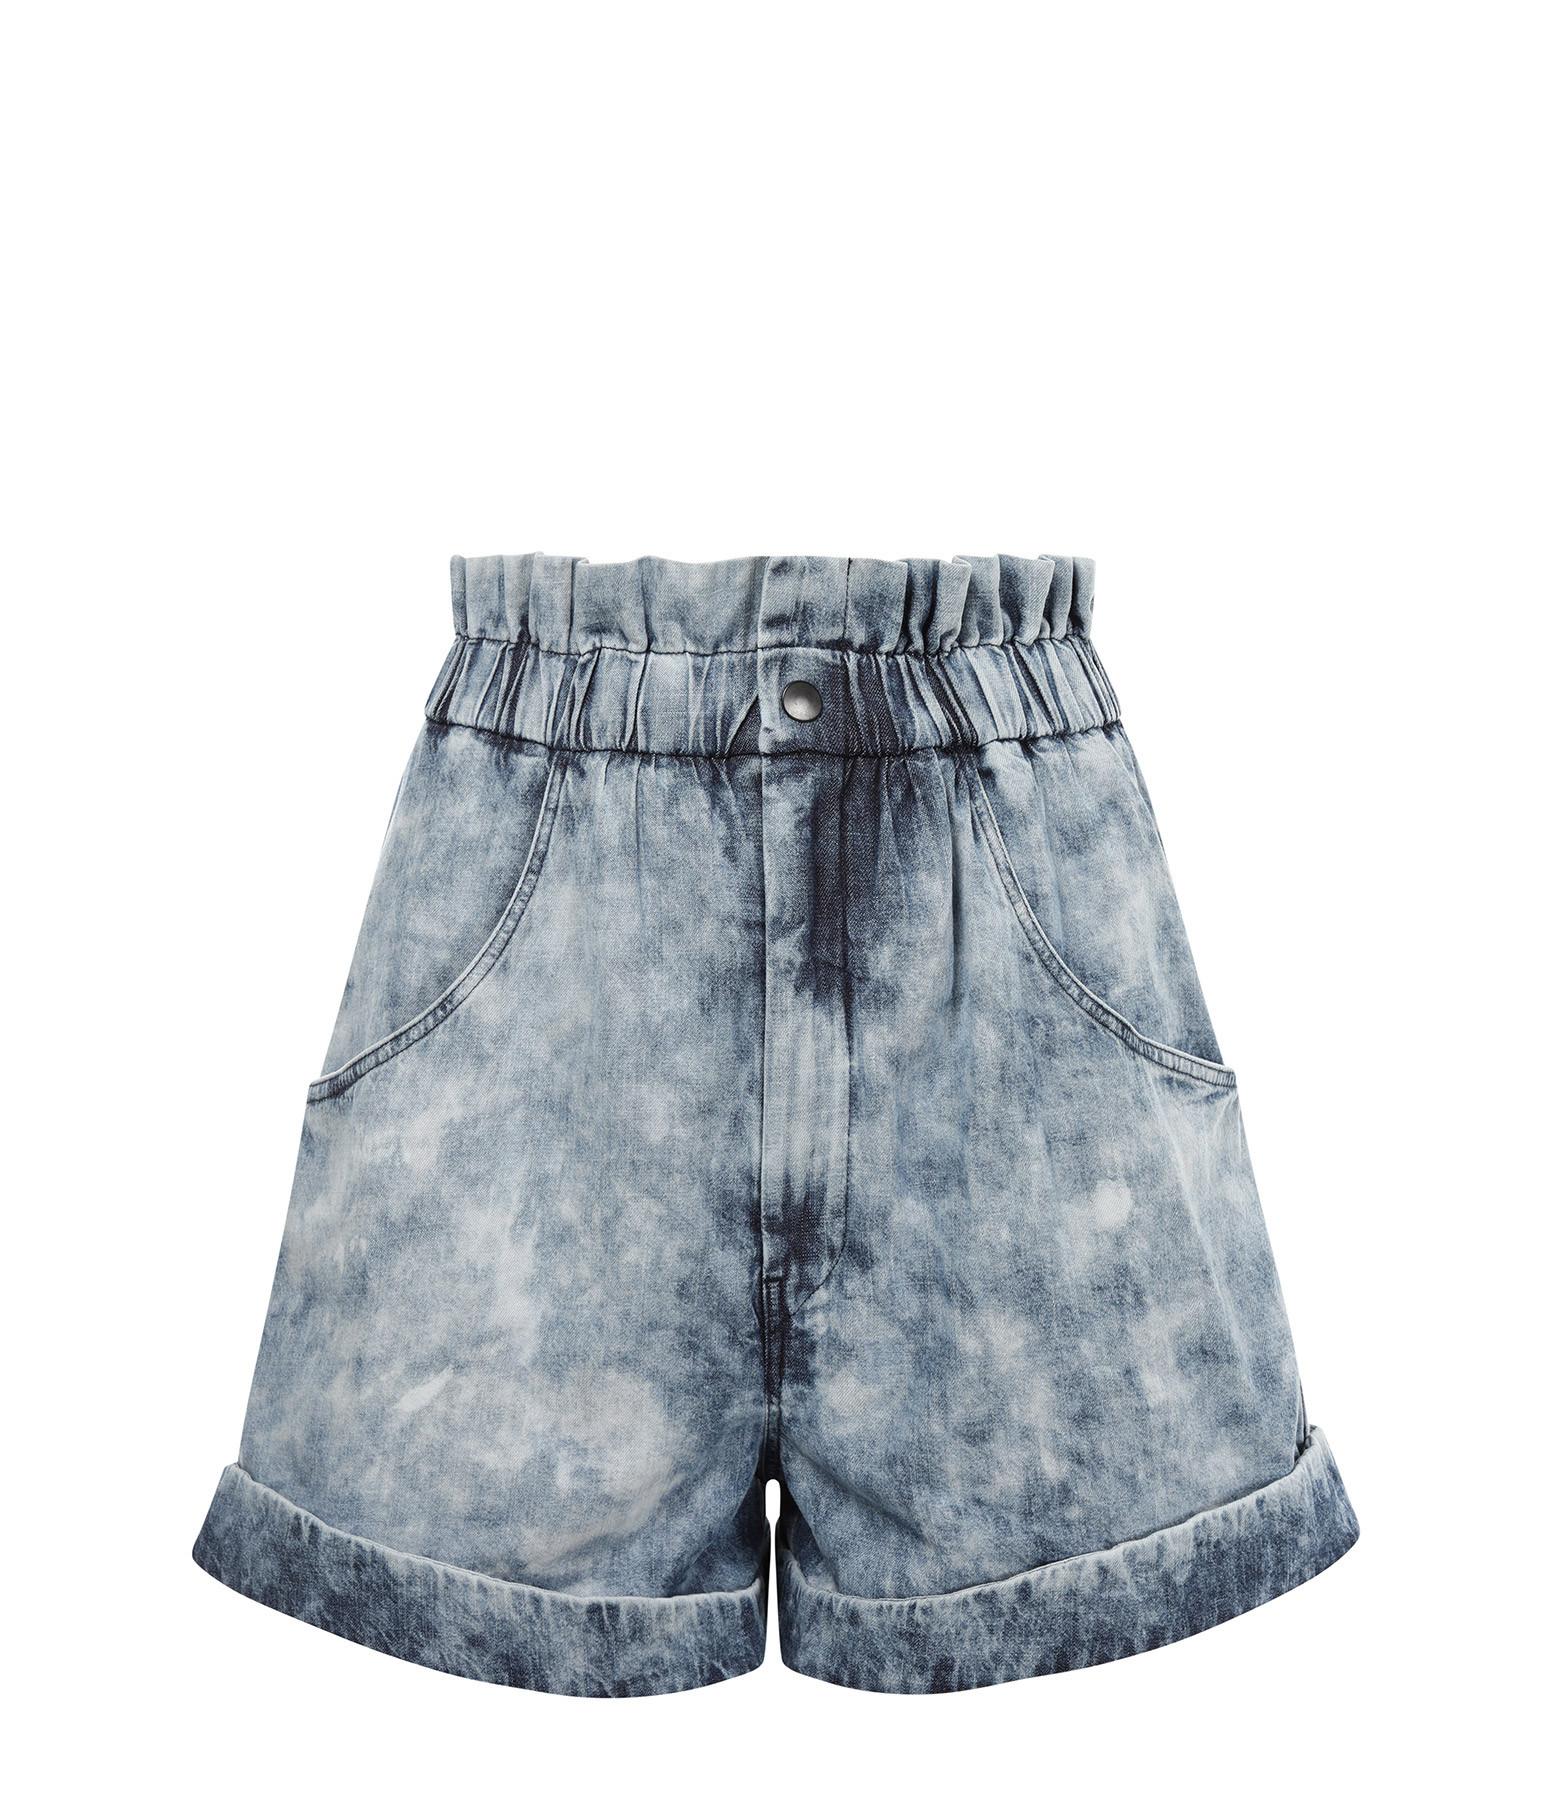 ISABEL MARANT ÉTOILE - Short Itea Coton Bleu